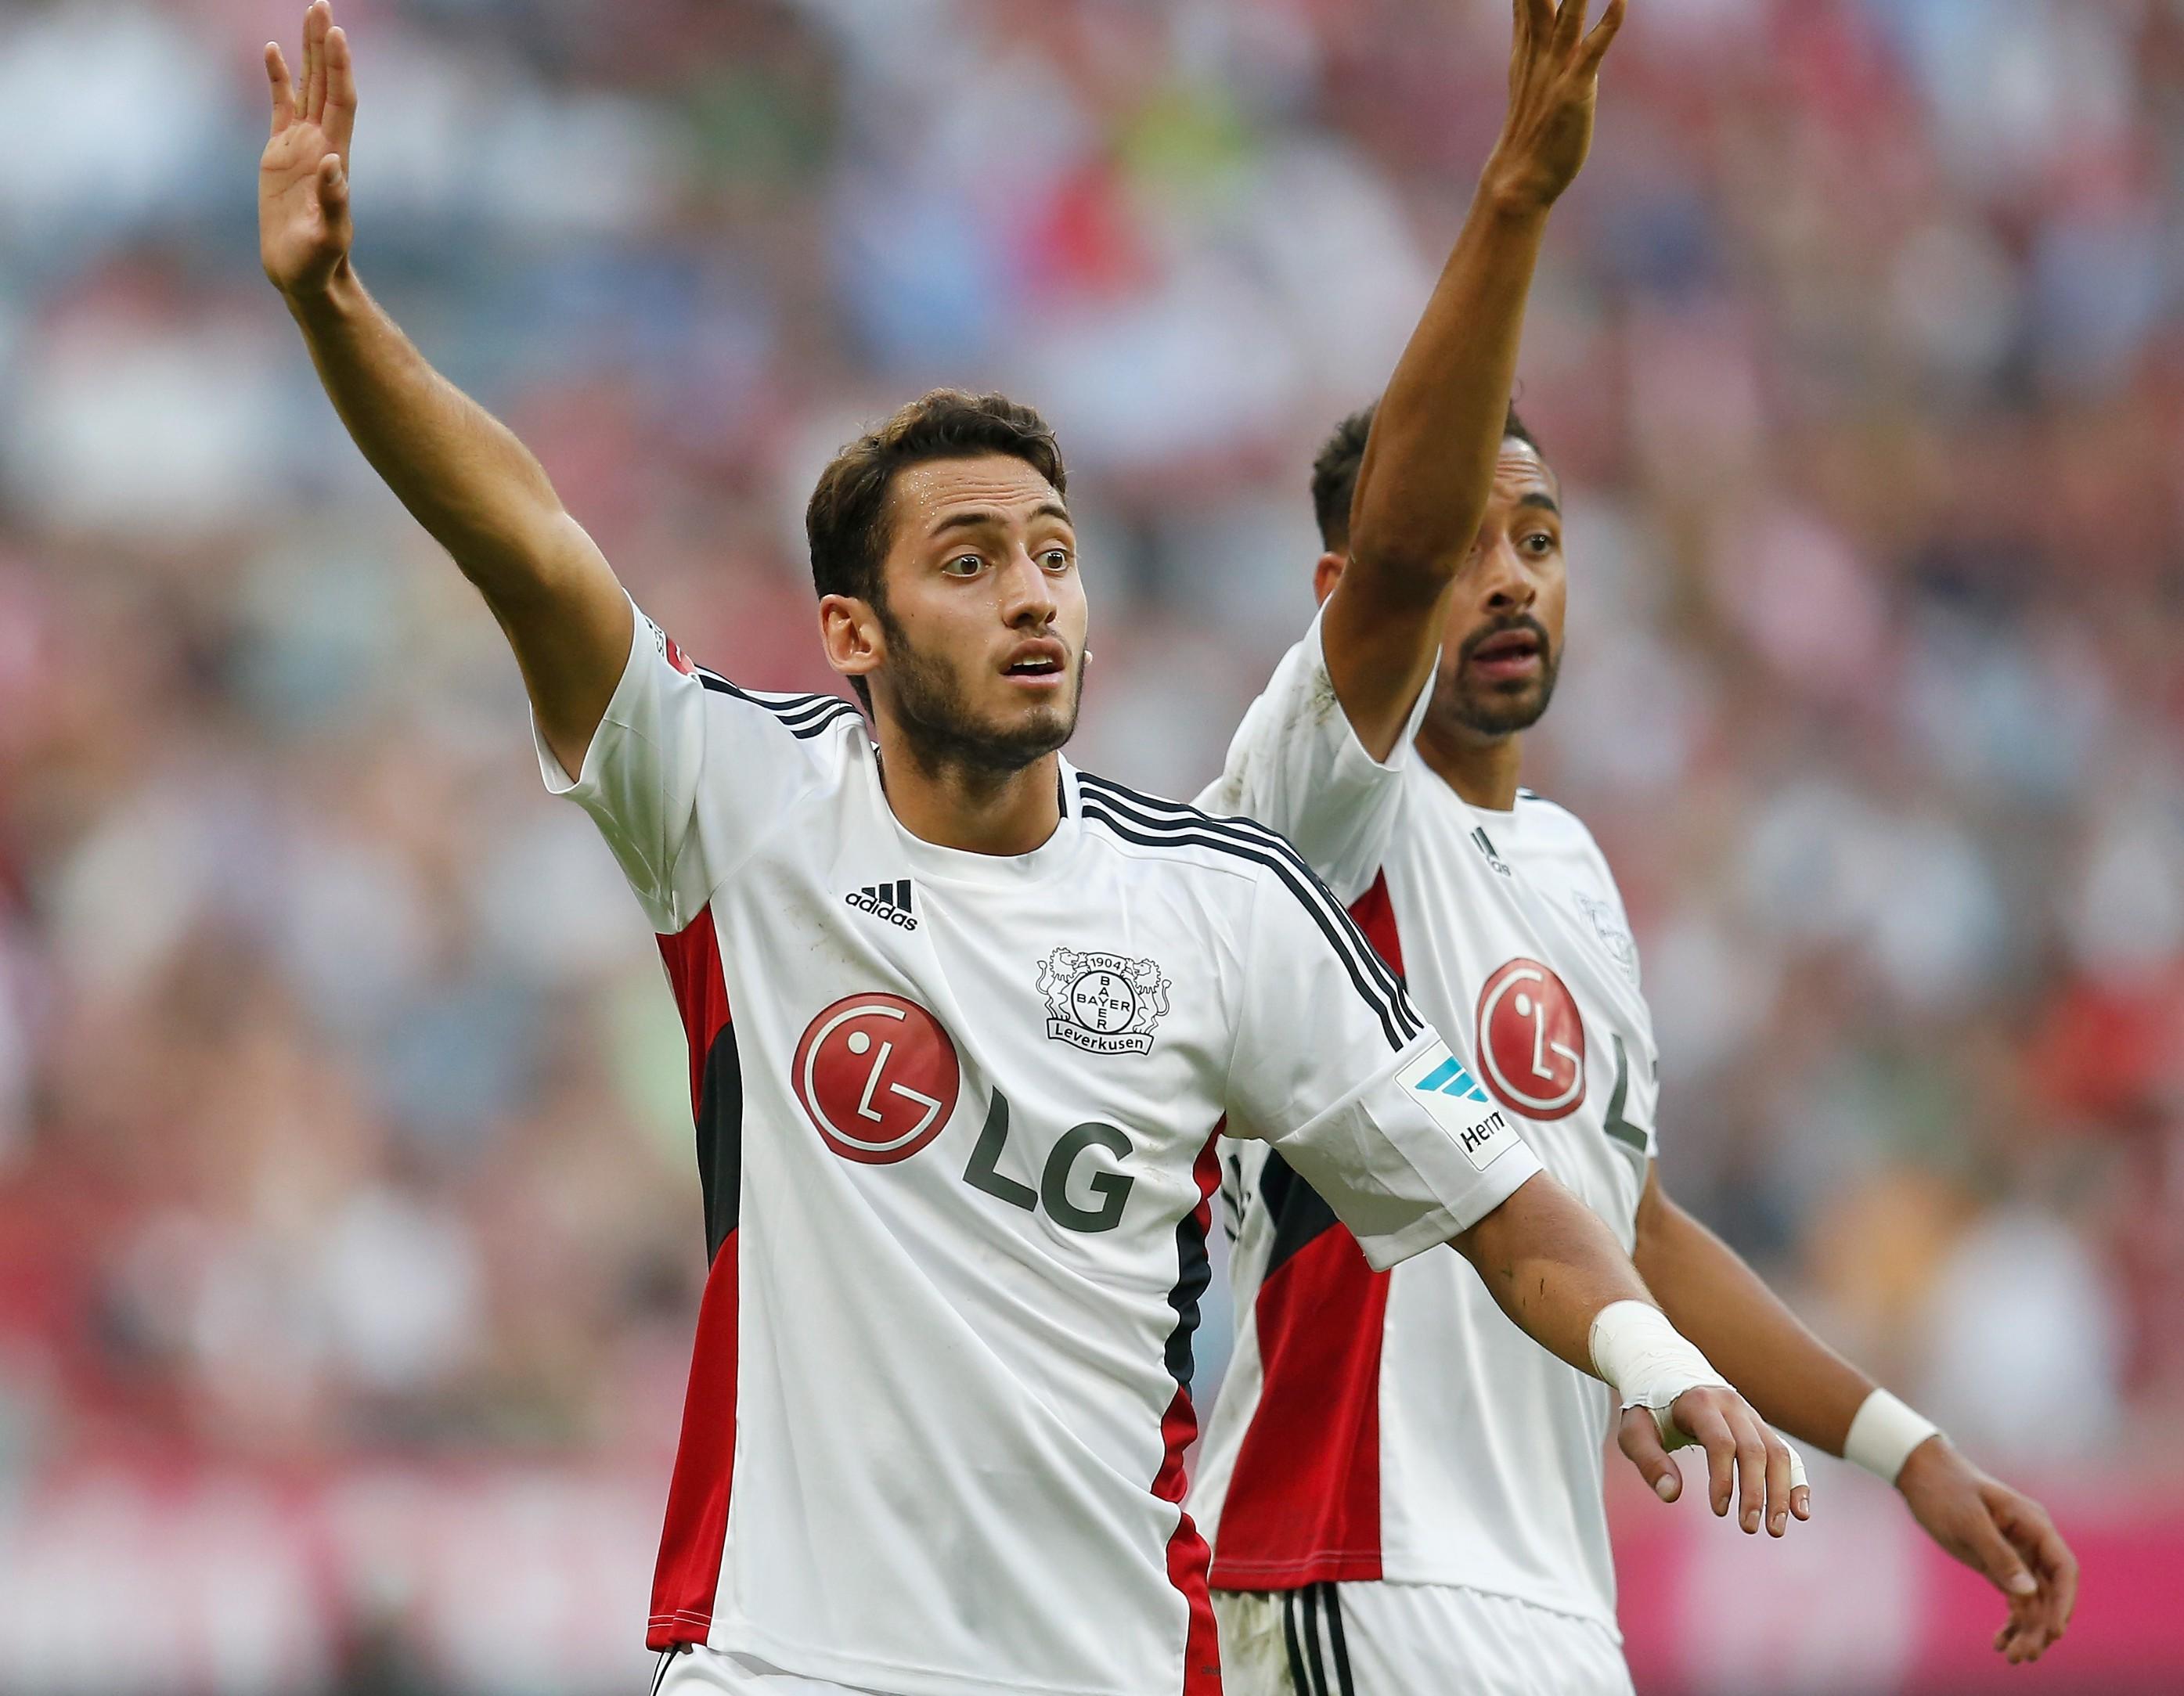 Manchester United eye transfers of Karim Bellarabi and Hakan Calhanoglu